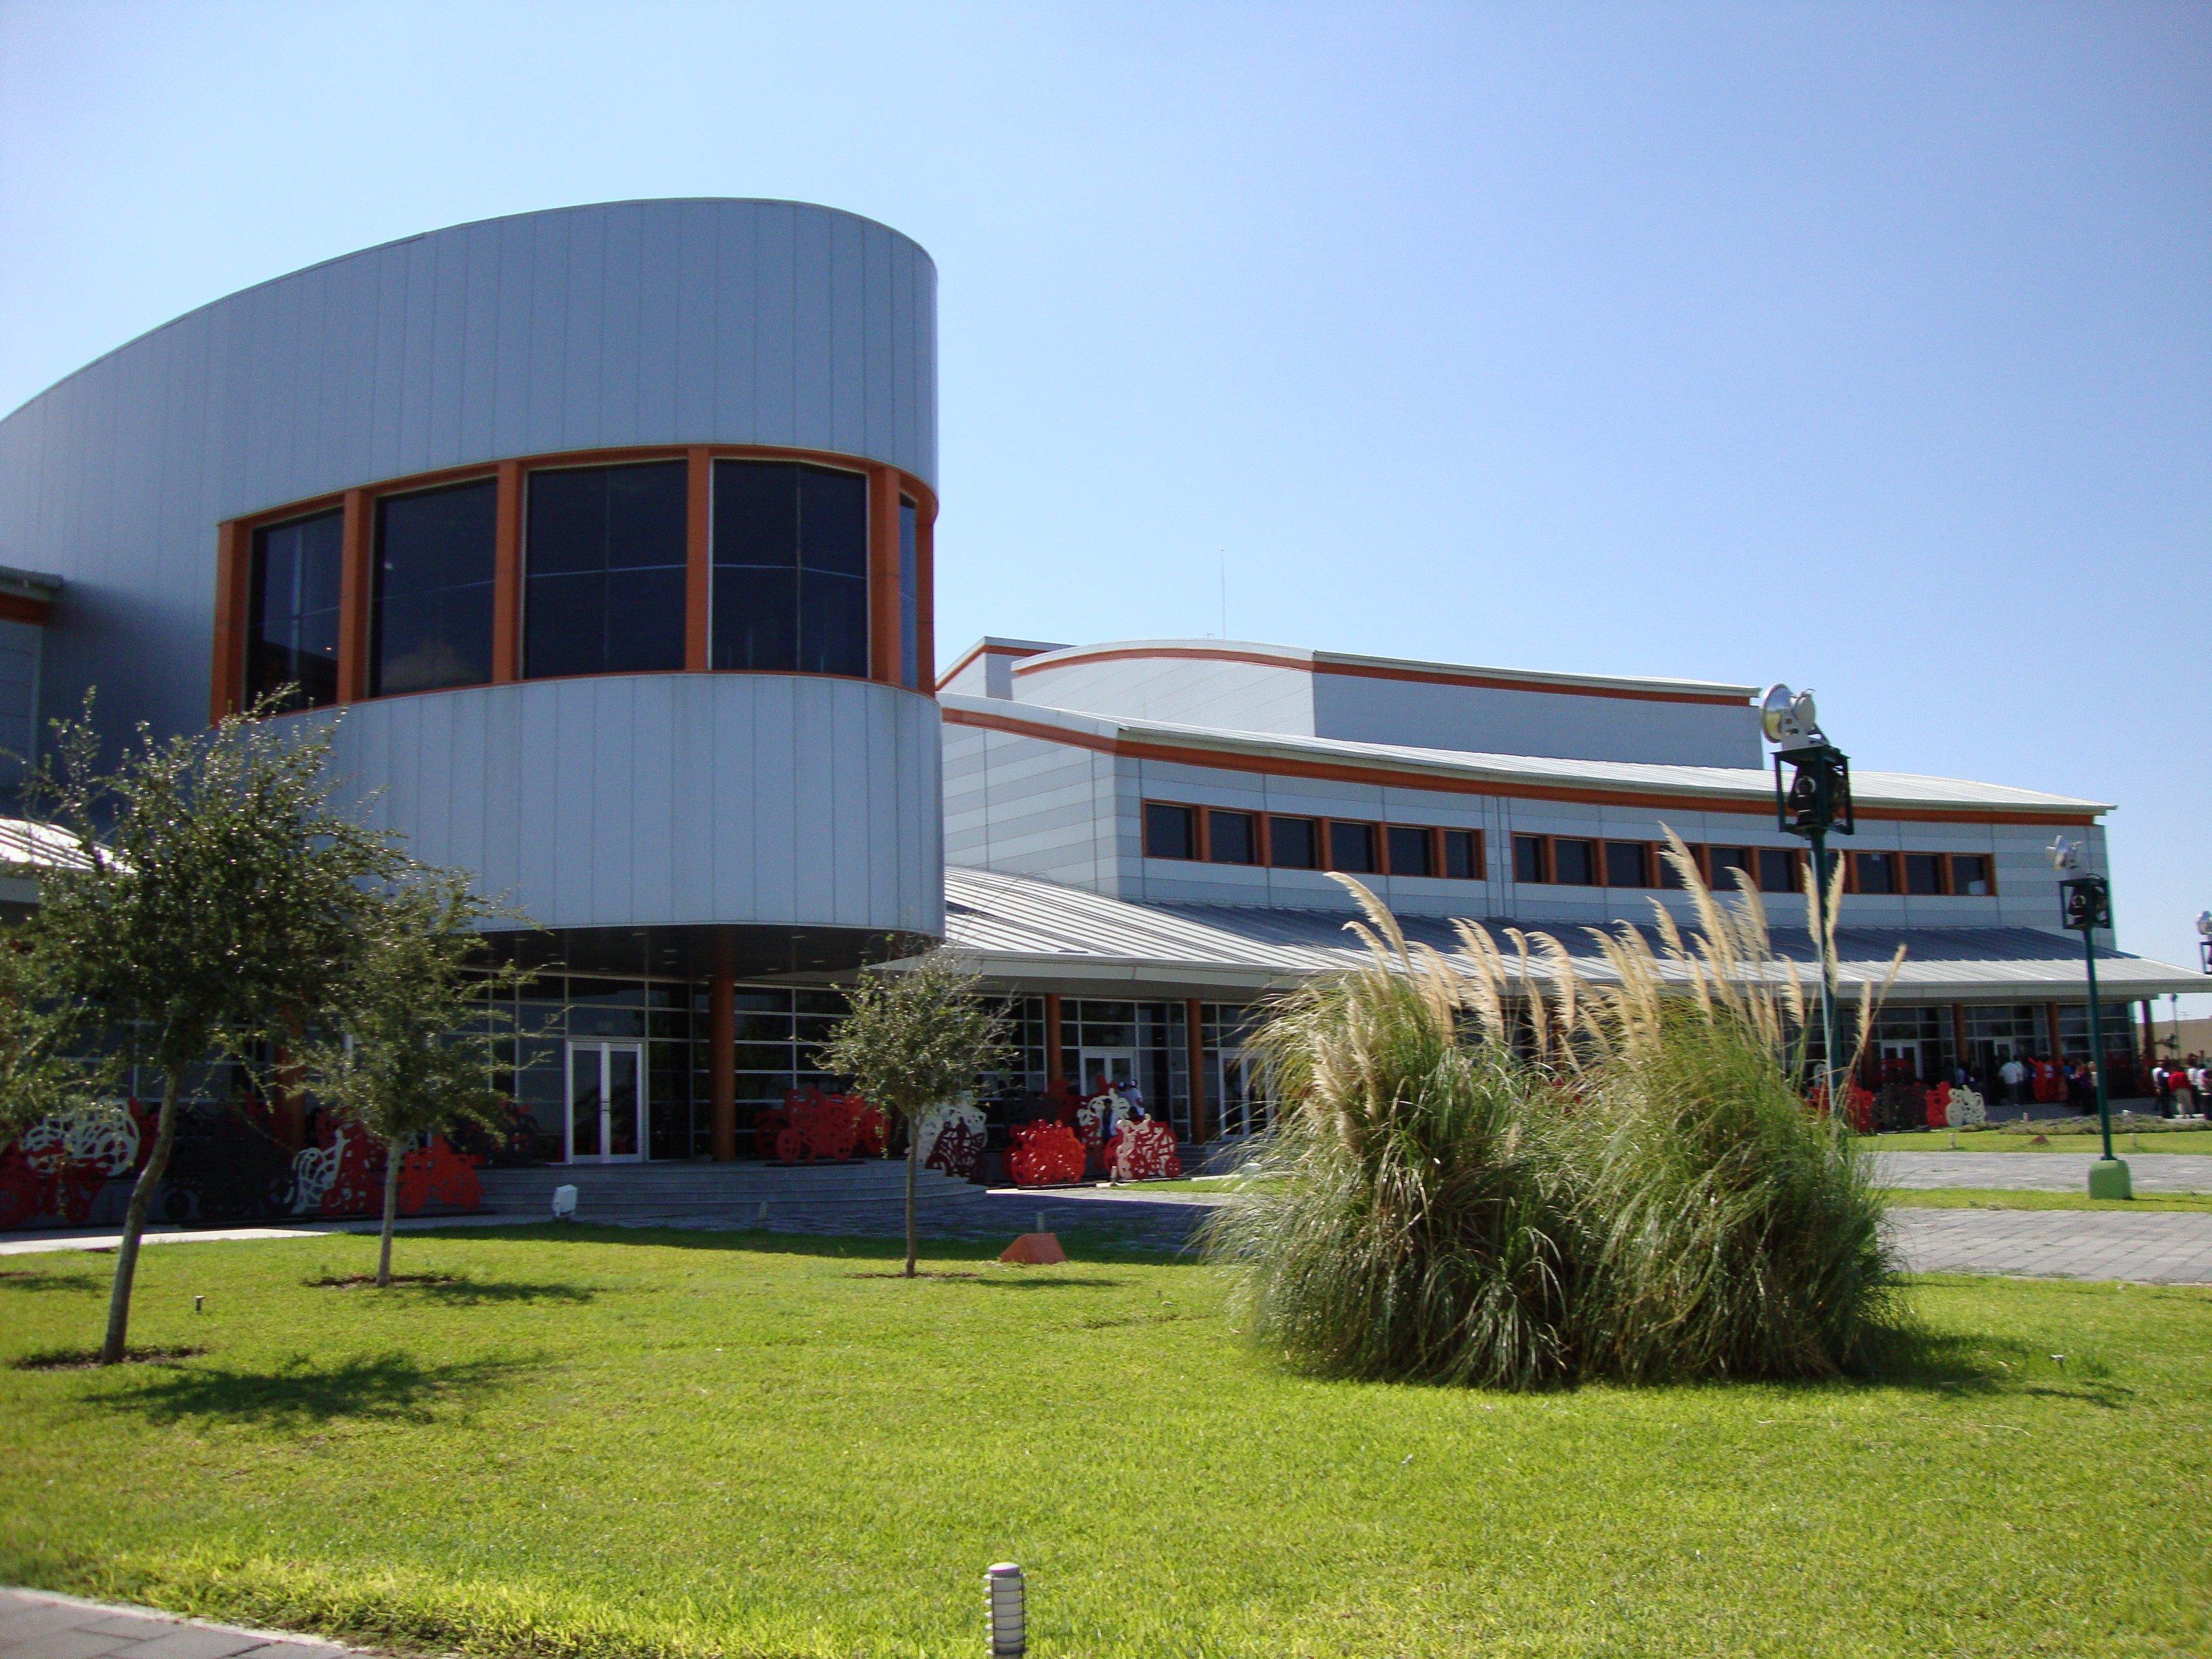 Nuevo Laredo: Ahora sí van en serio con el turismo médico